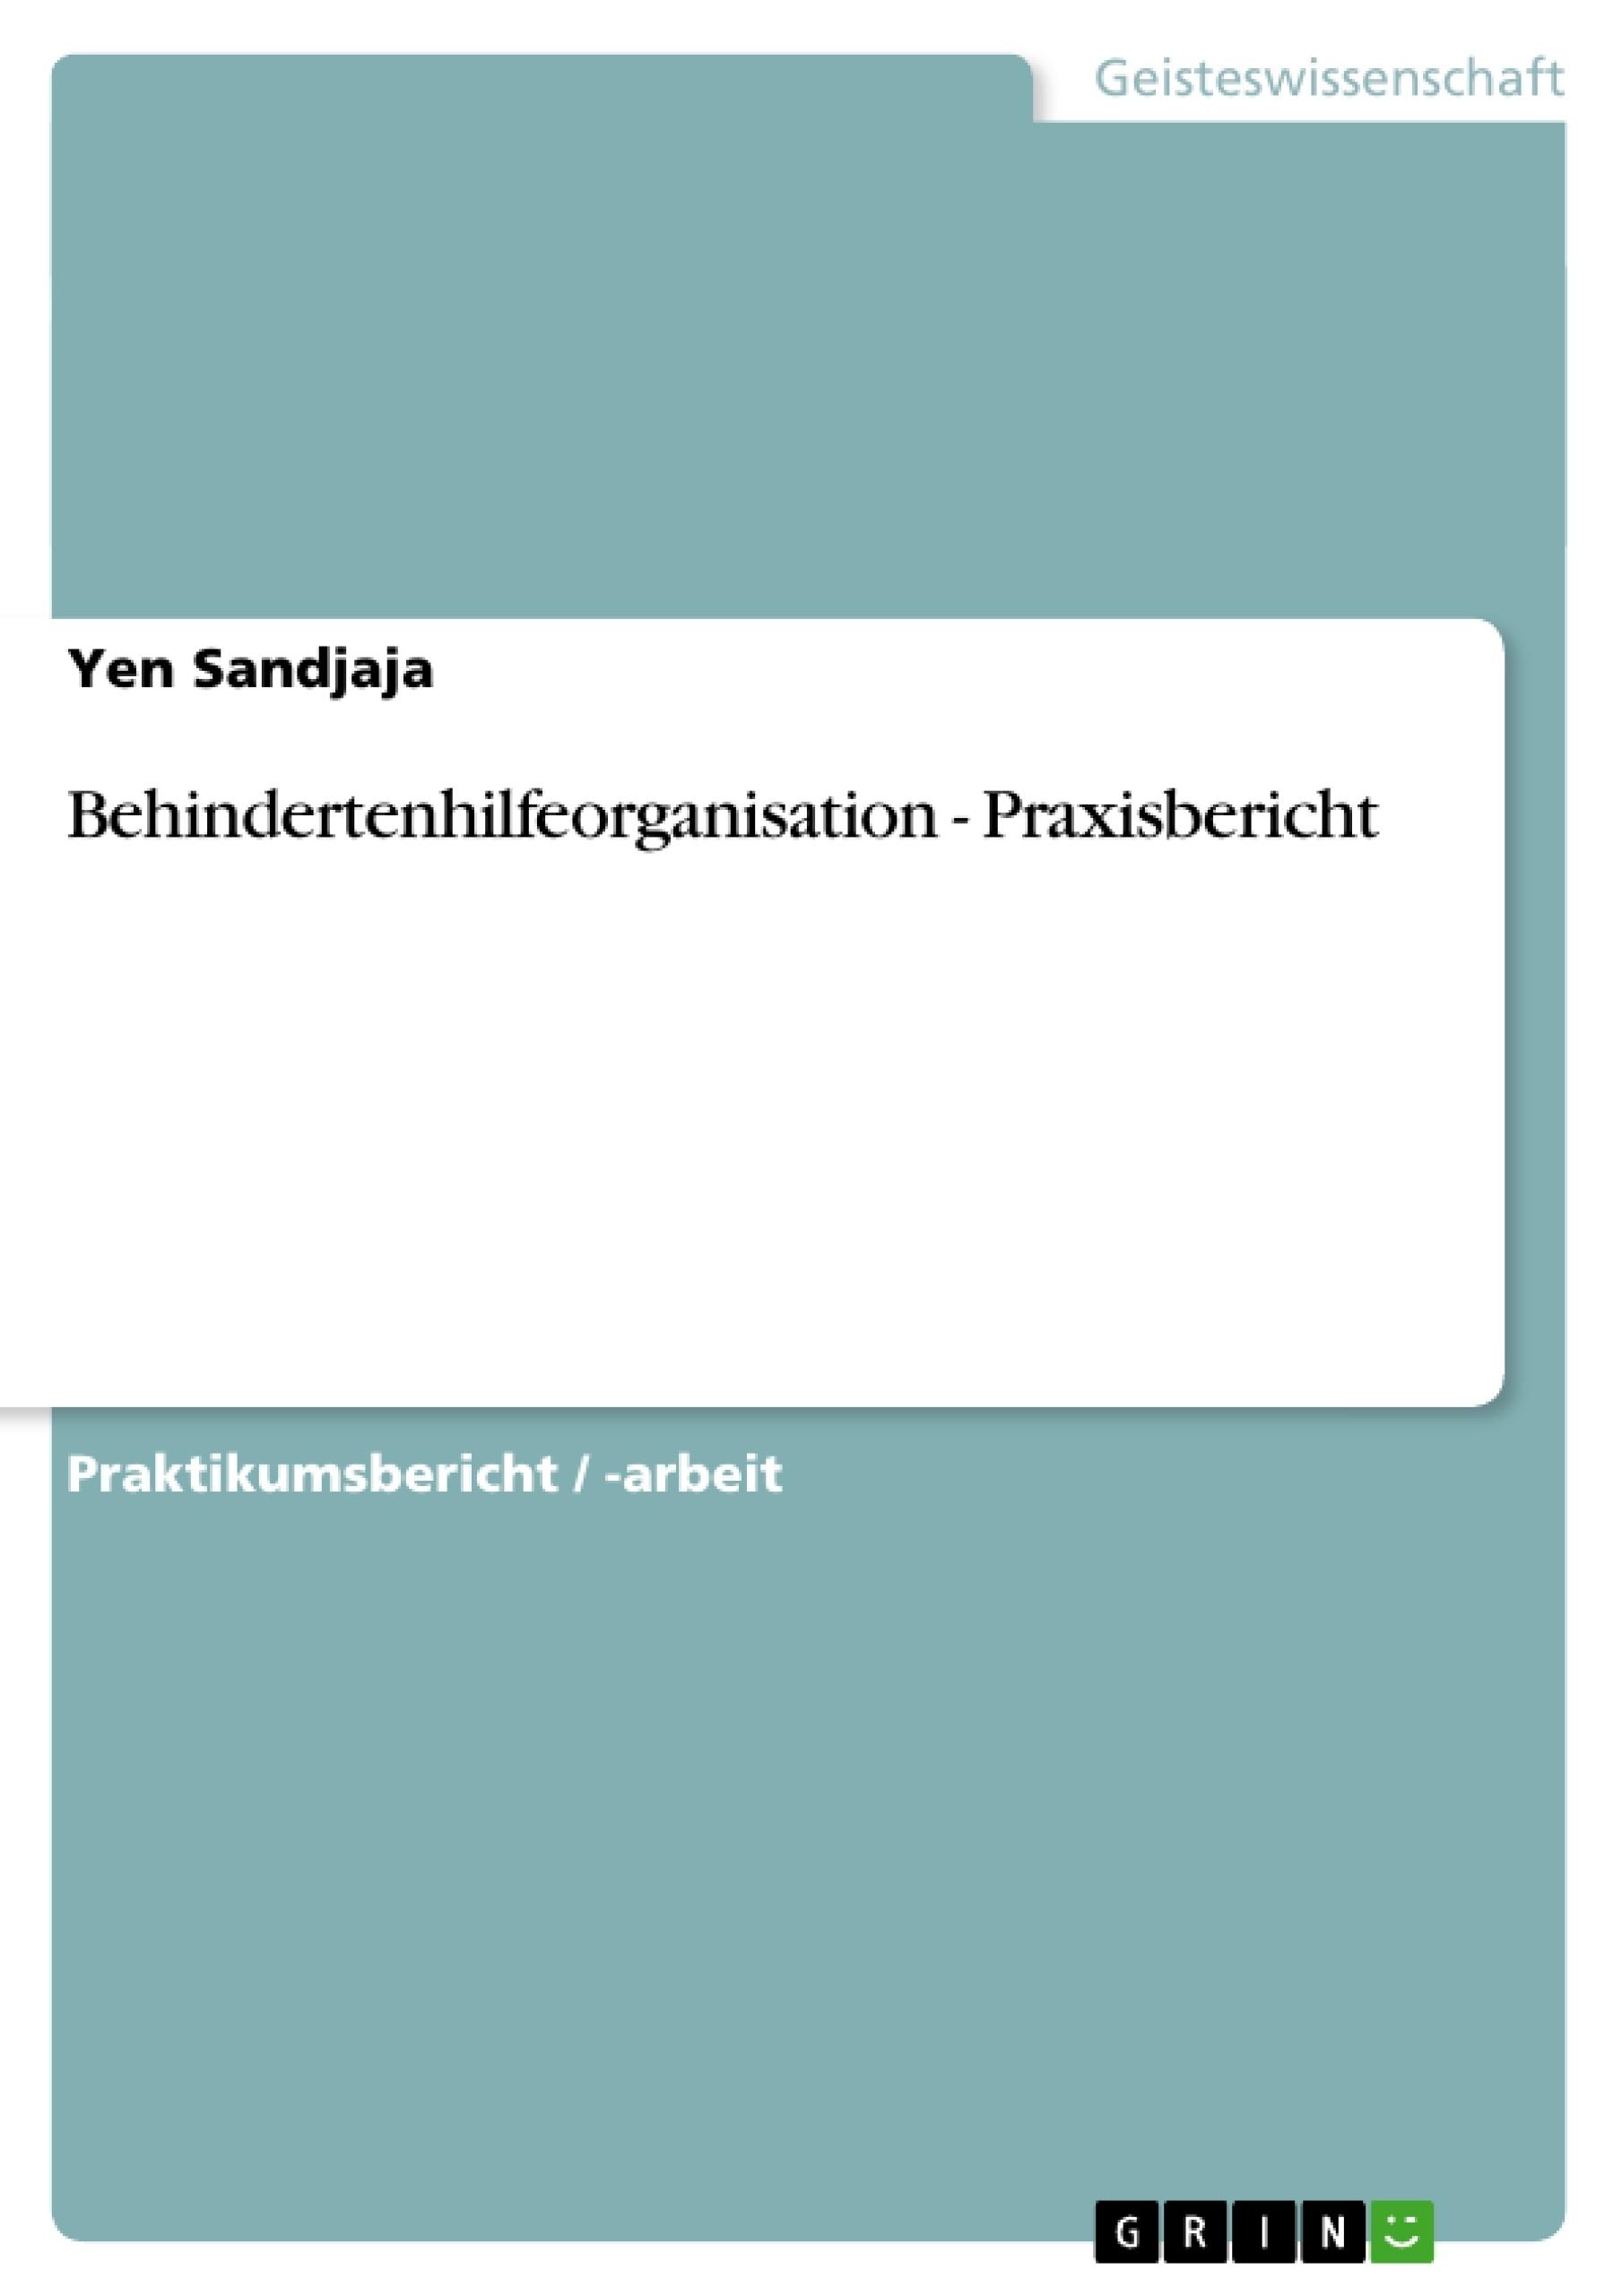 Titel: Behindertenhilfeorganisation - Praxisbericht